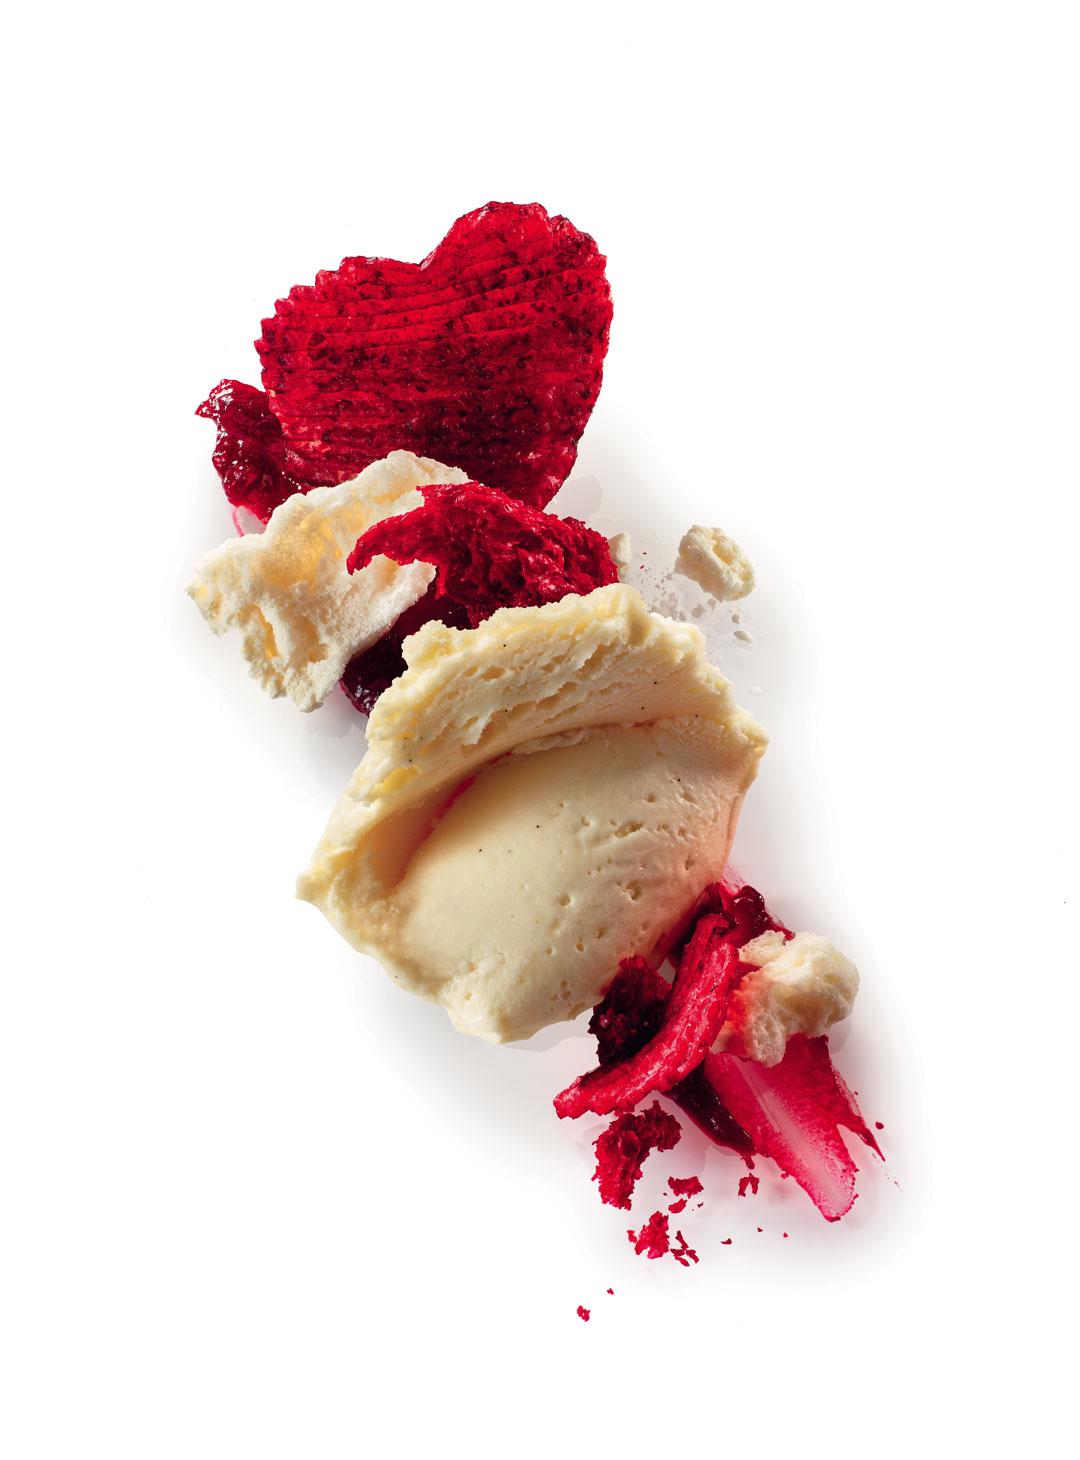 Crème glacée yaourt au lait de brebis vanille bio, red velvet cake, pétales de betterave, éclaté de meringue et écrasé de fruits rouges